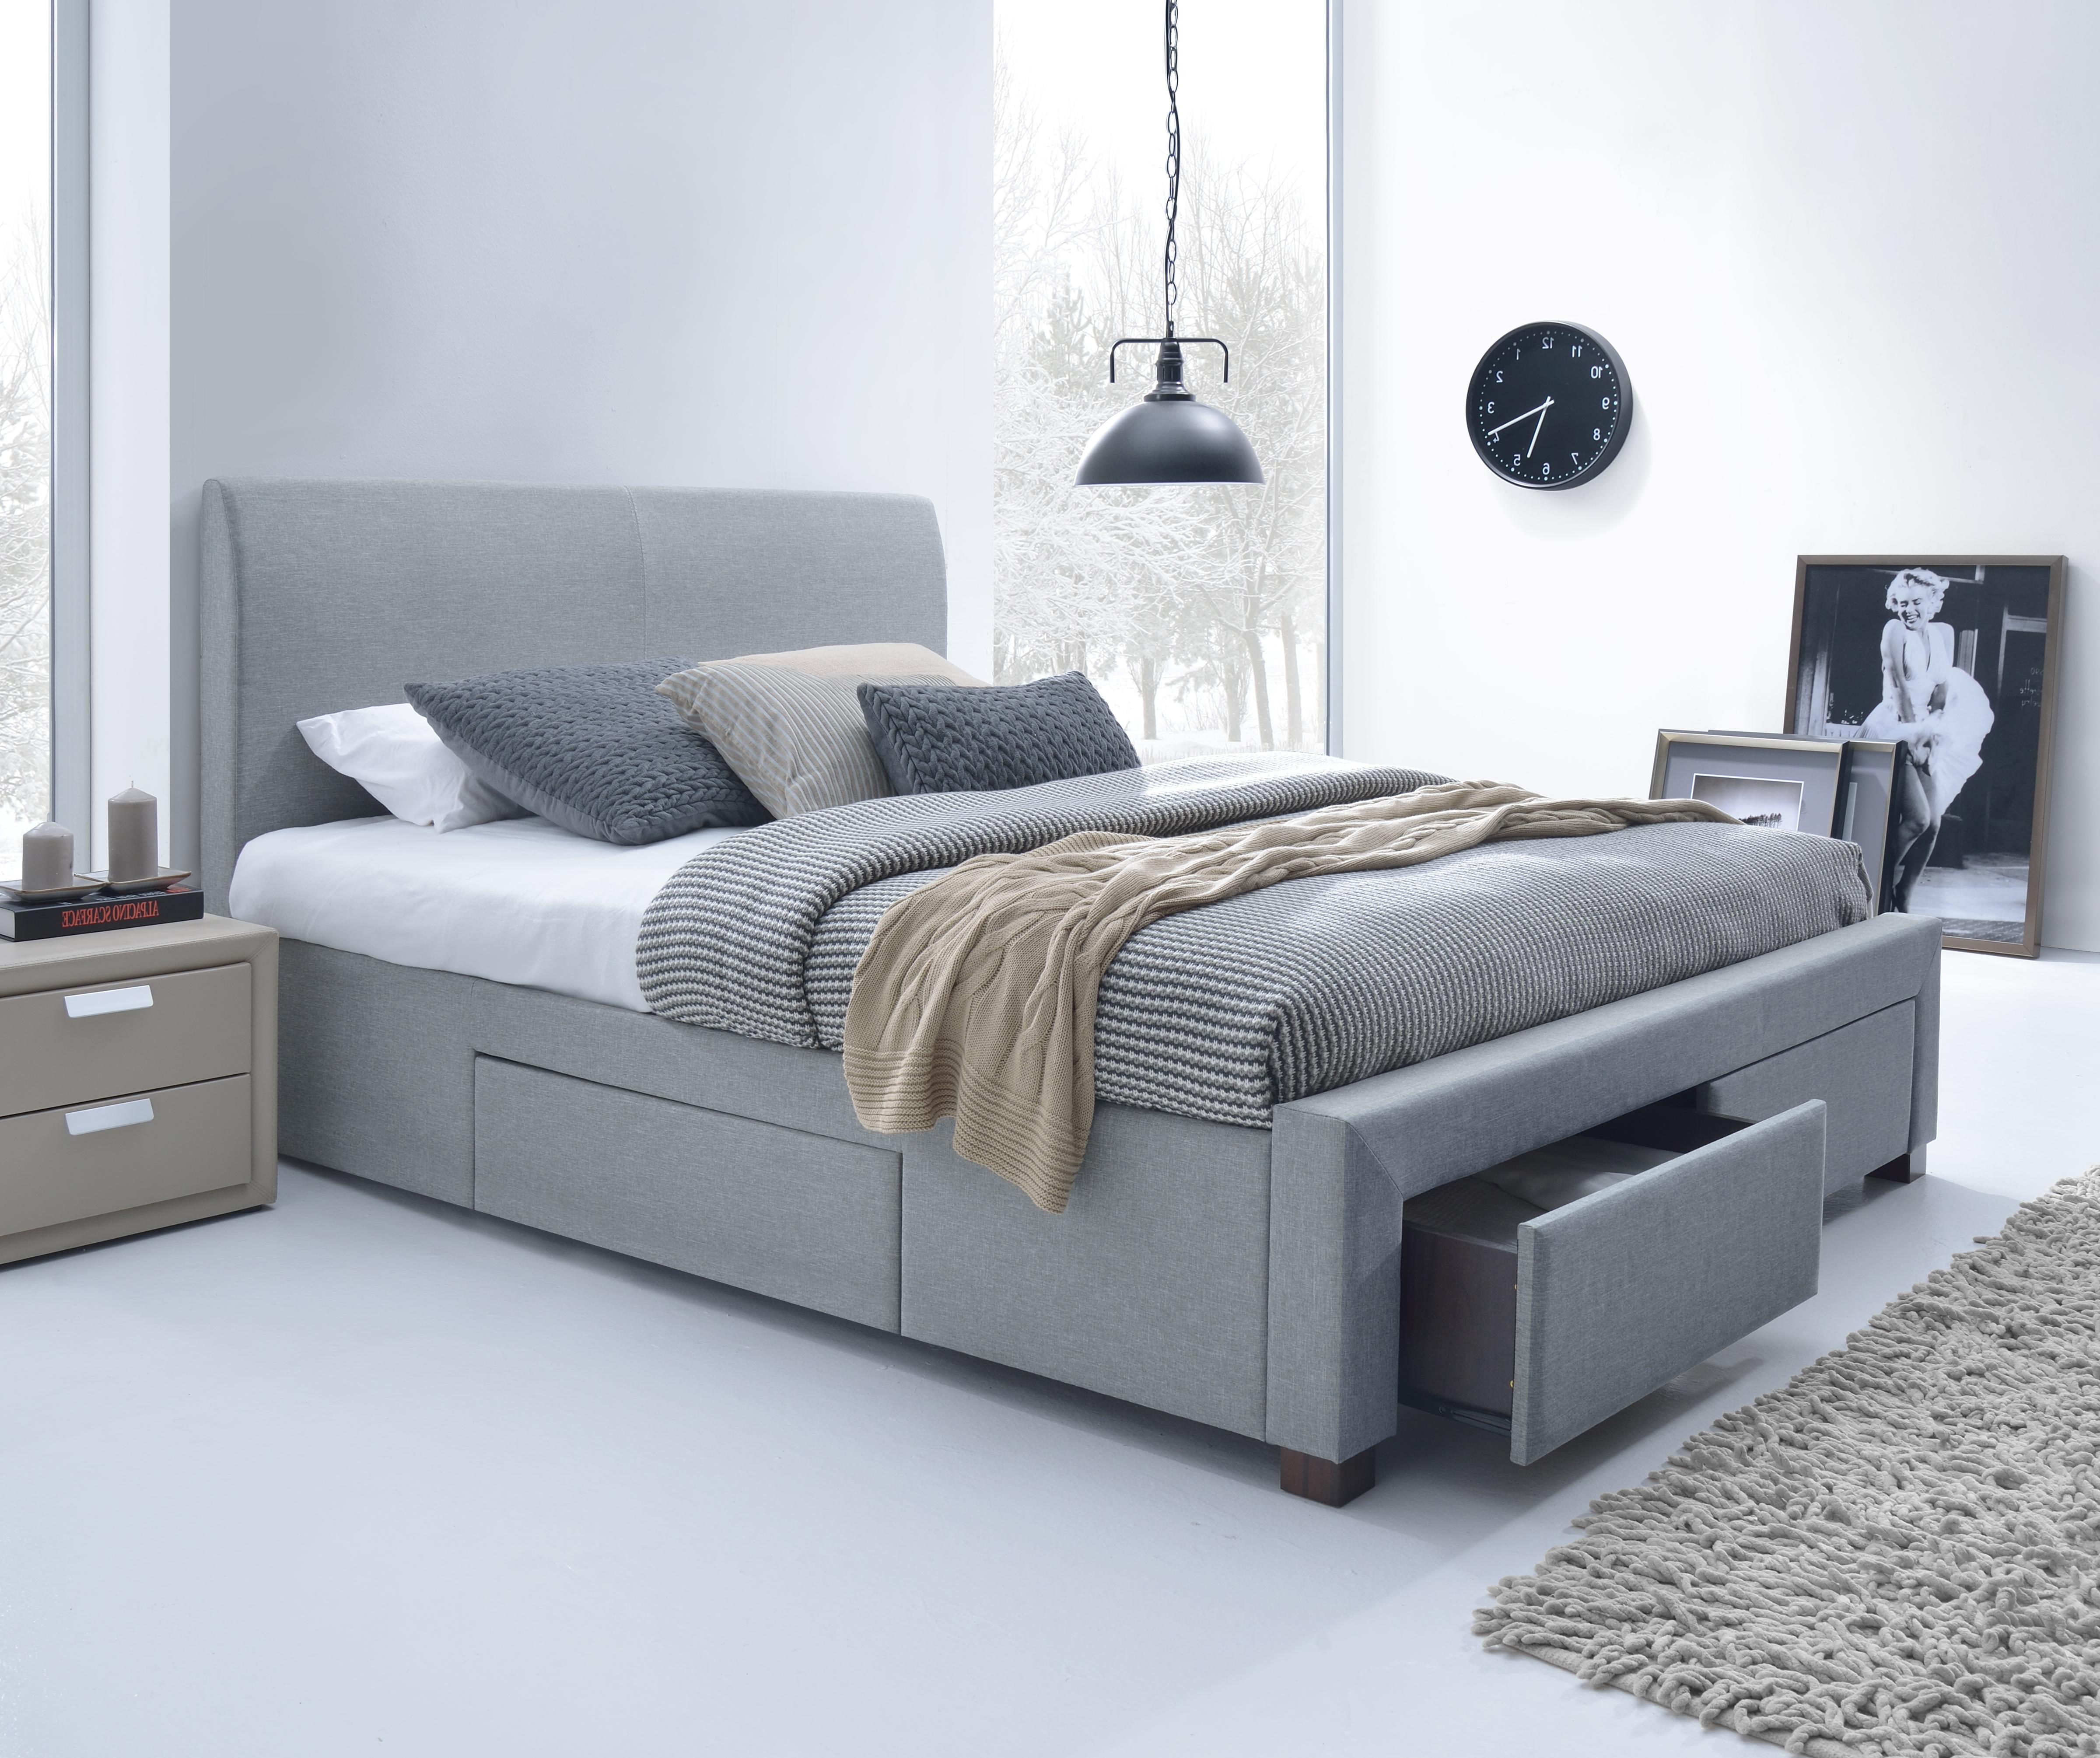 03b4e261a433 Manželská posteľ 160 cm Modena (s roštom)